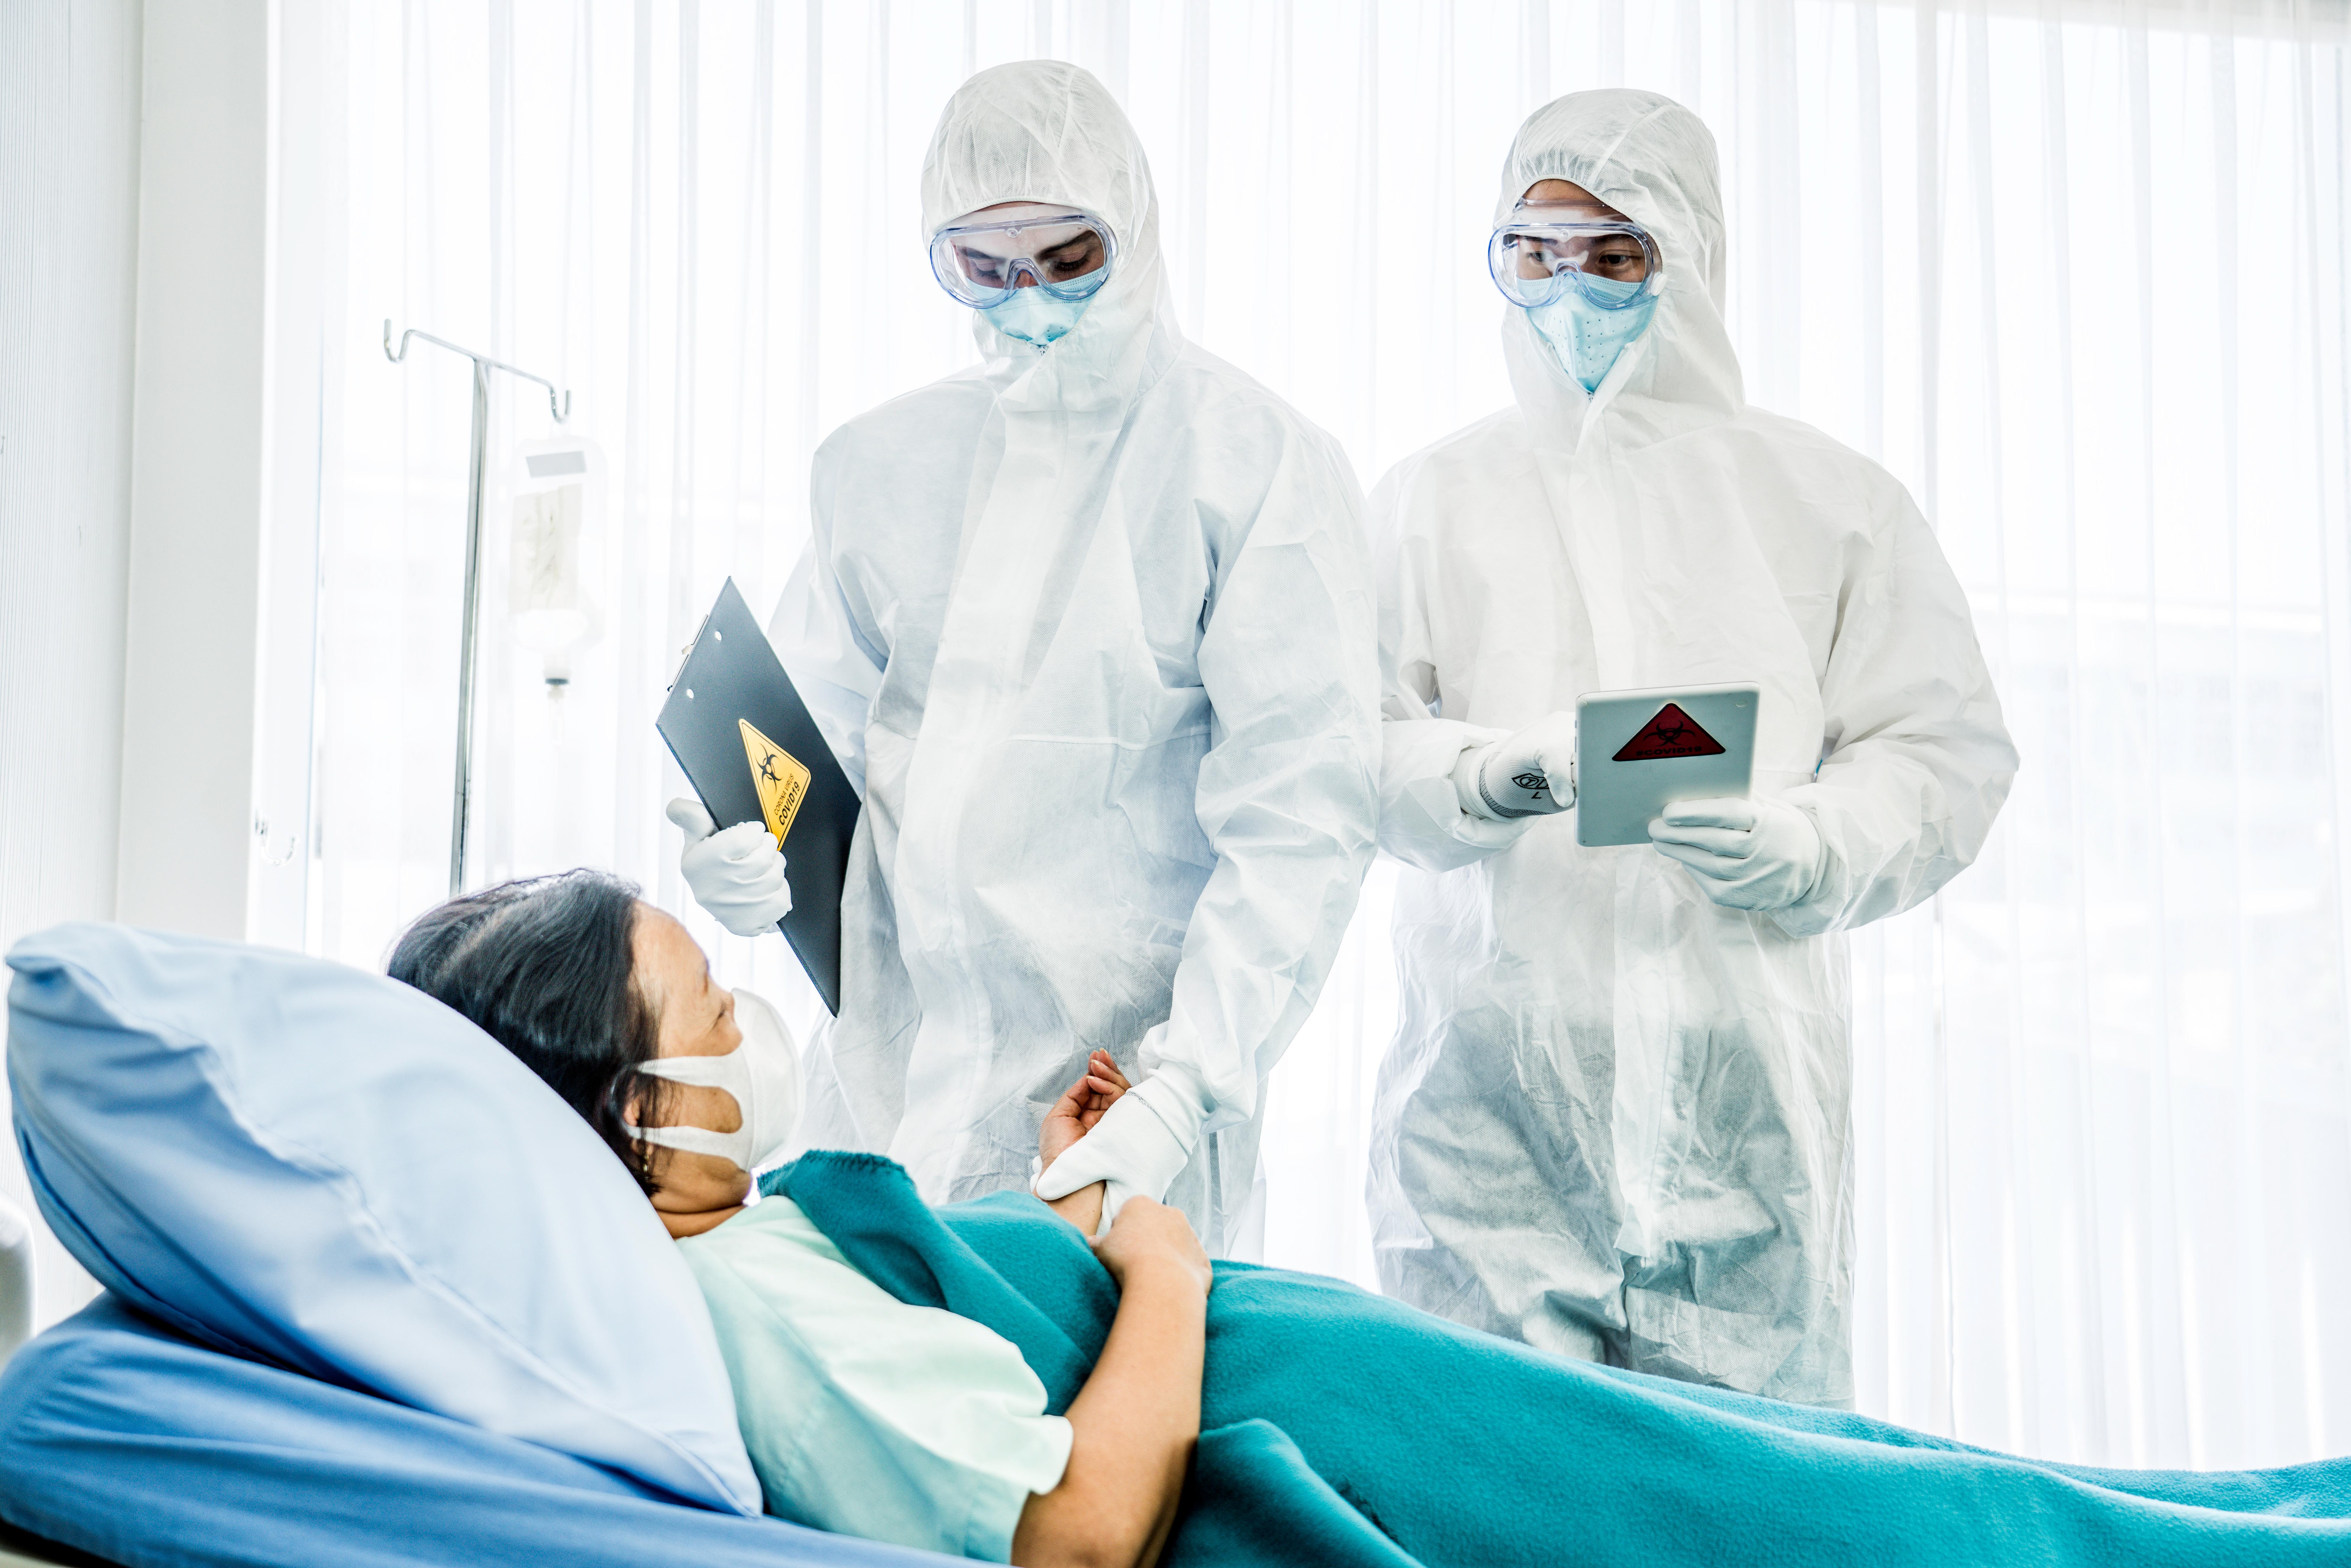 En viktig åtgärd för att förebygga smittspridning är god handhygien och att tidigt sätta in effektiva vårdåtgärder för att begränsa smittspridningen.